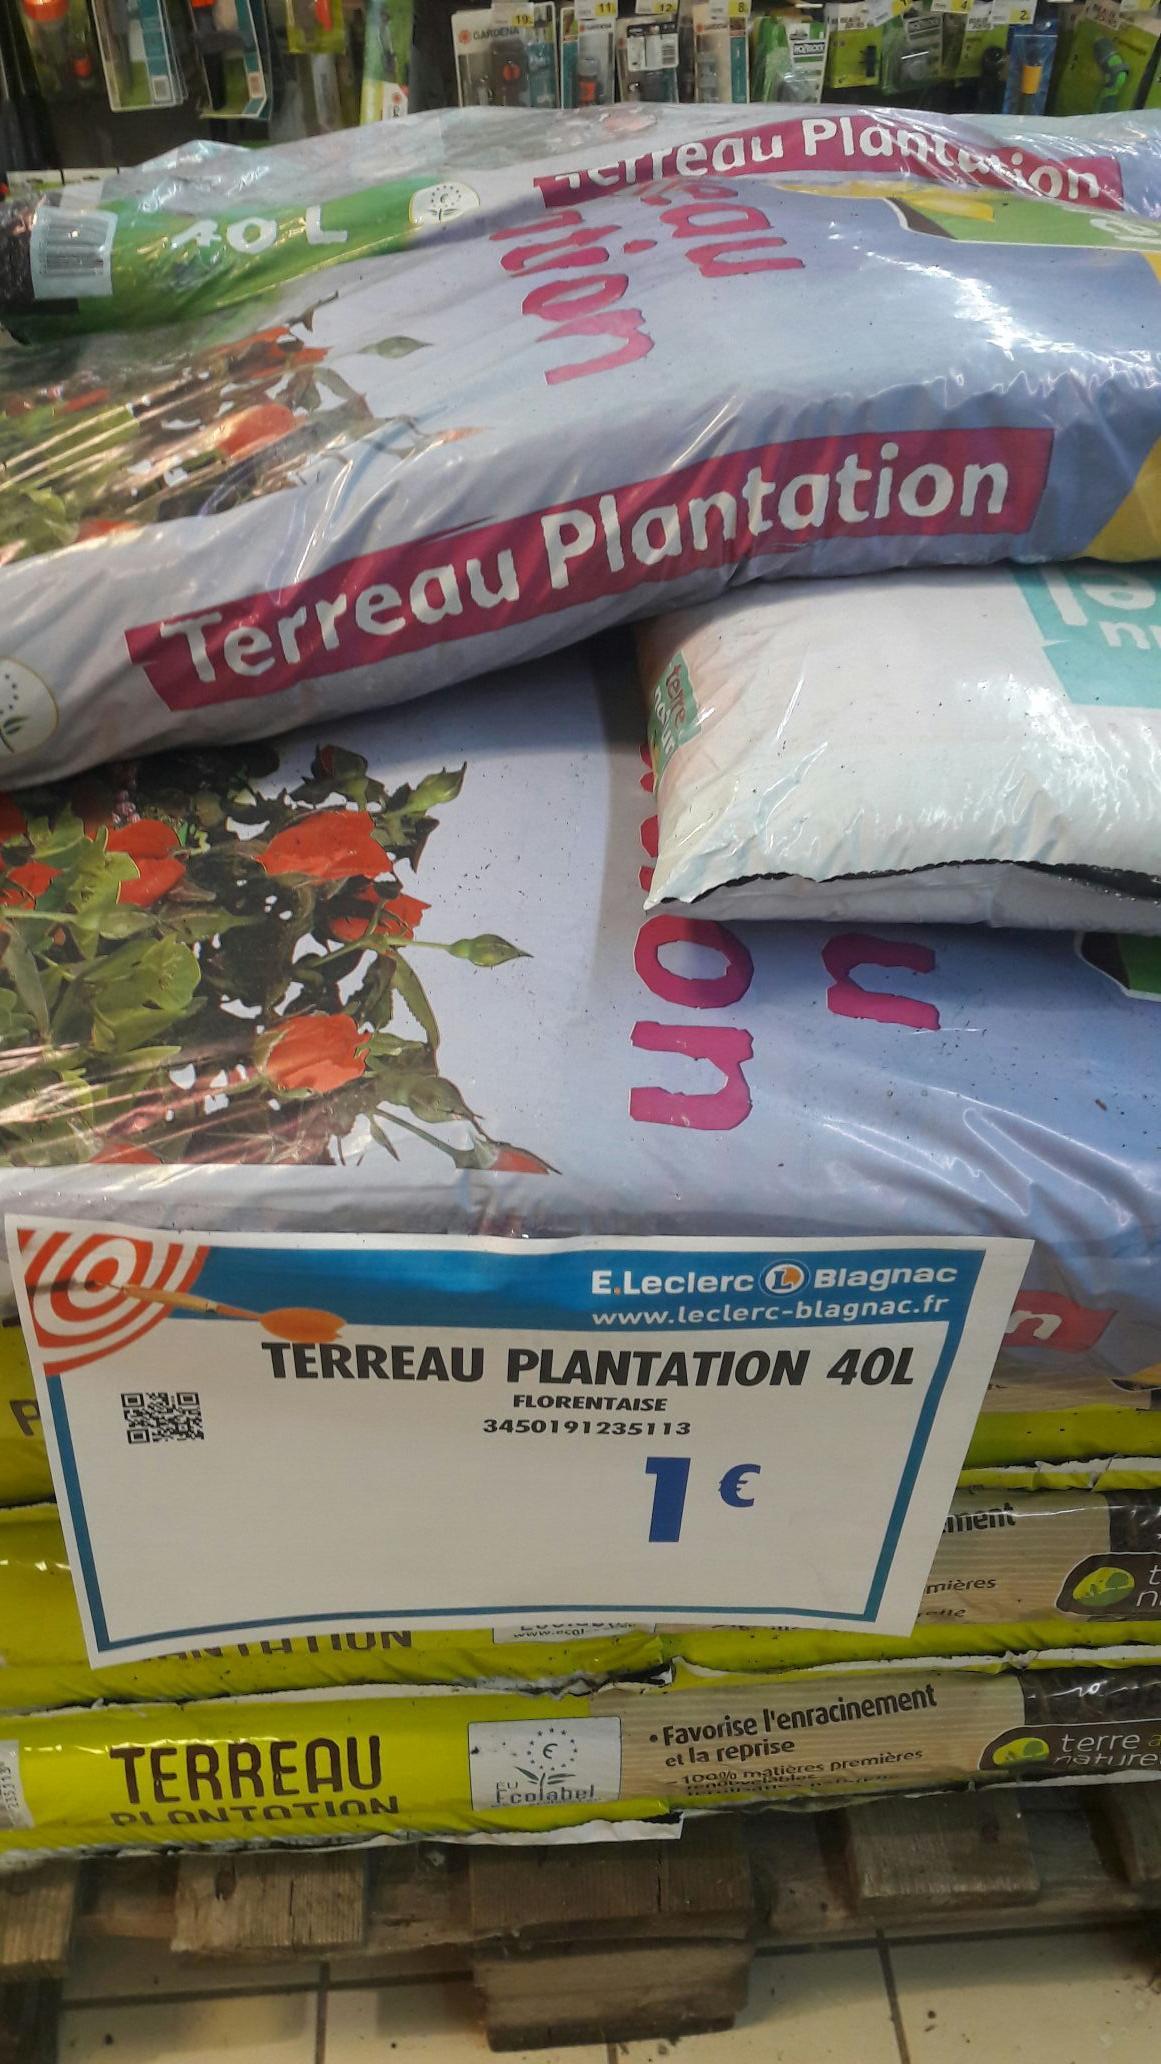 Sac de terreau plantation Florentaise - 40L